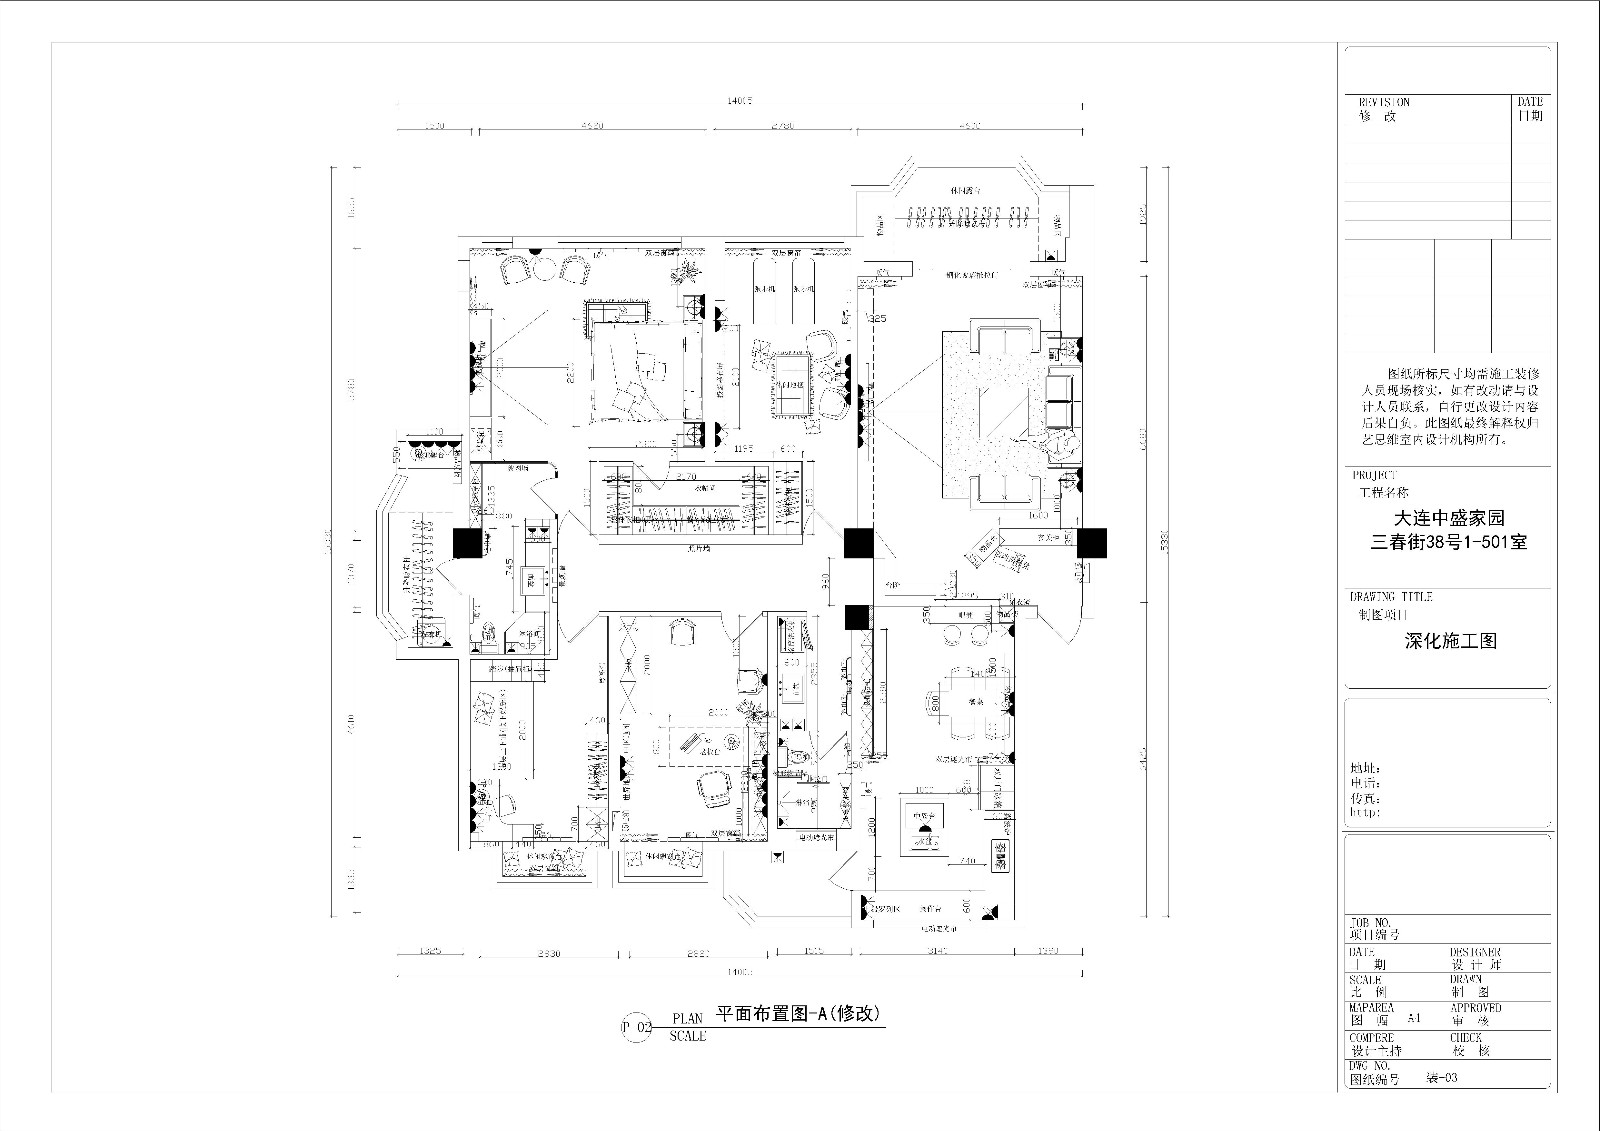 辽宁大连中盛家园——昔颜平面图